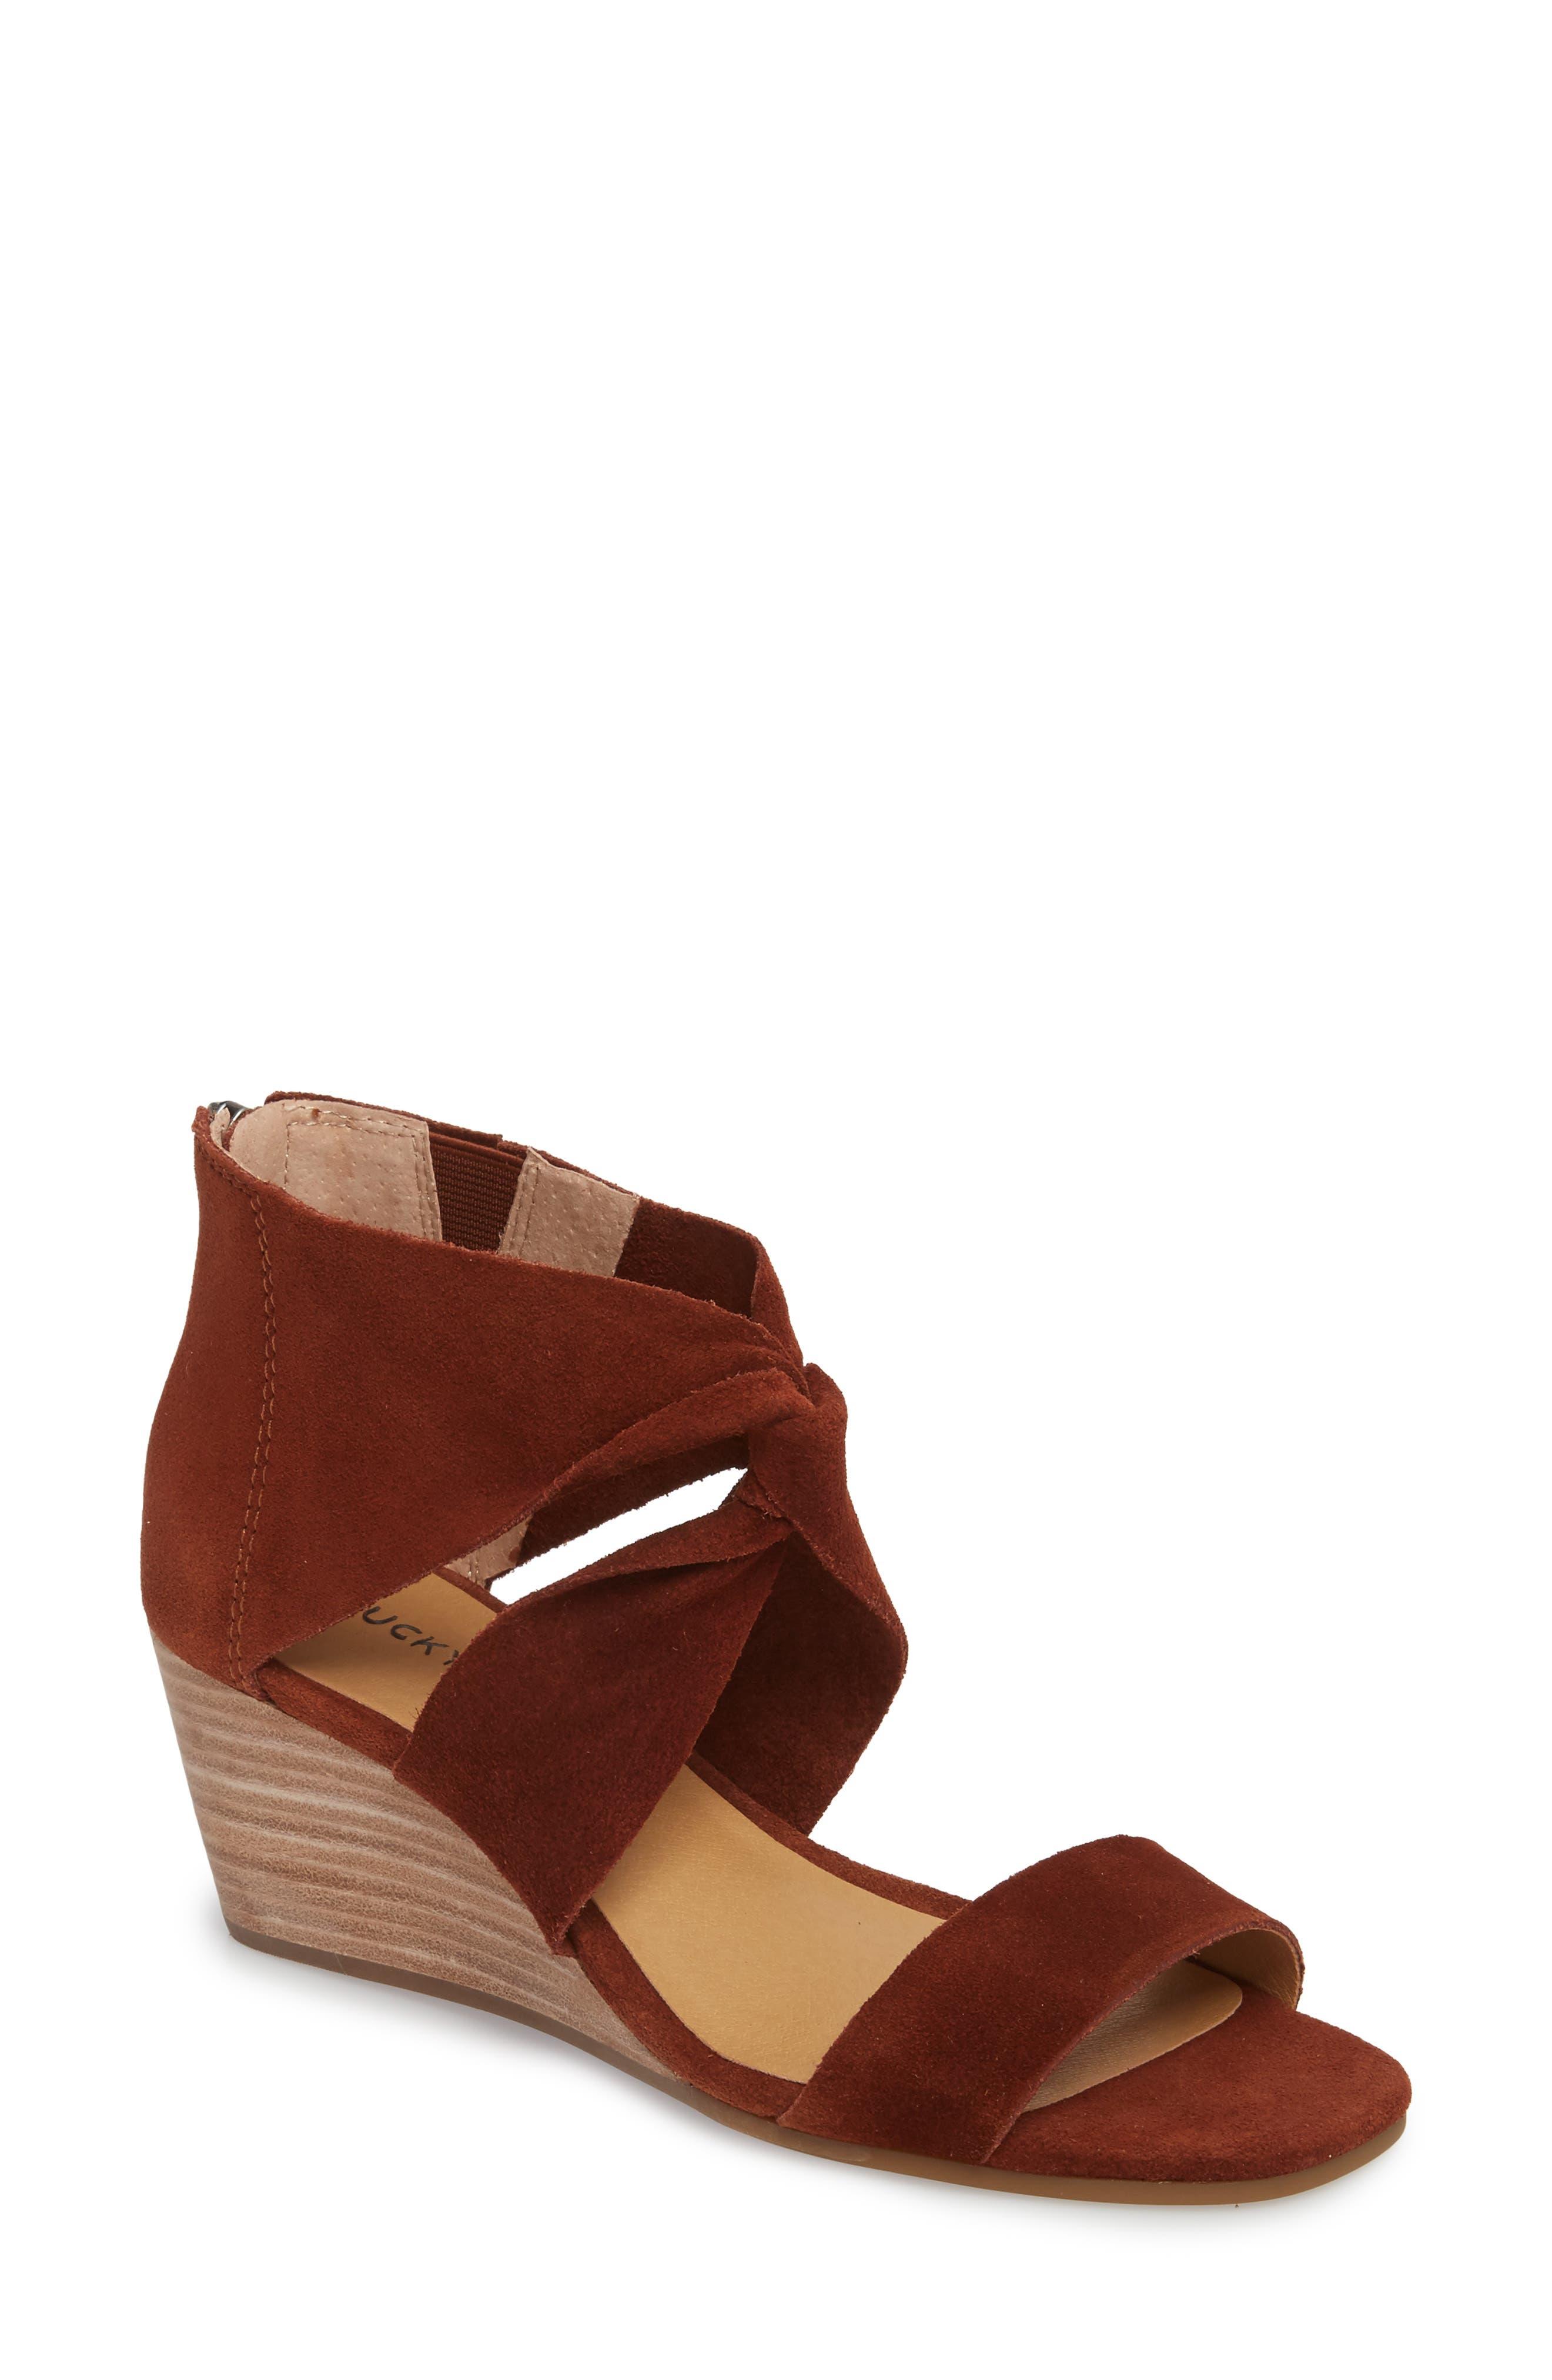 Tammanee Wedge Sandal,                         Main,                         color, Rye Suede